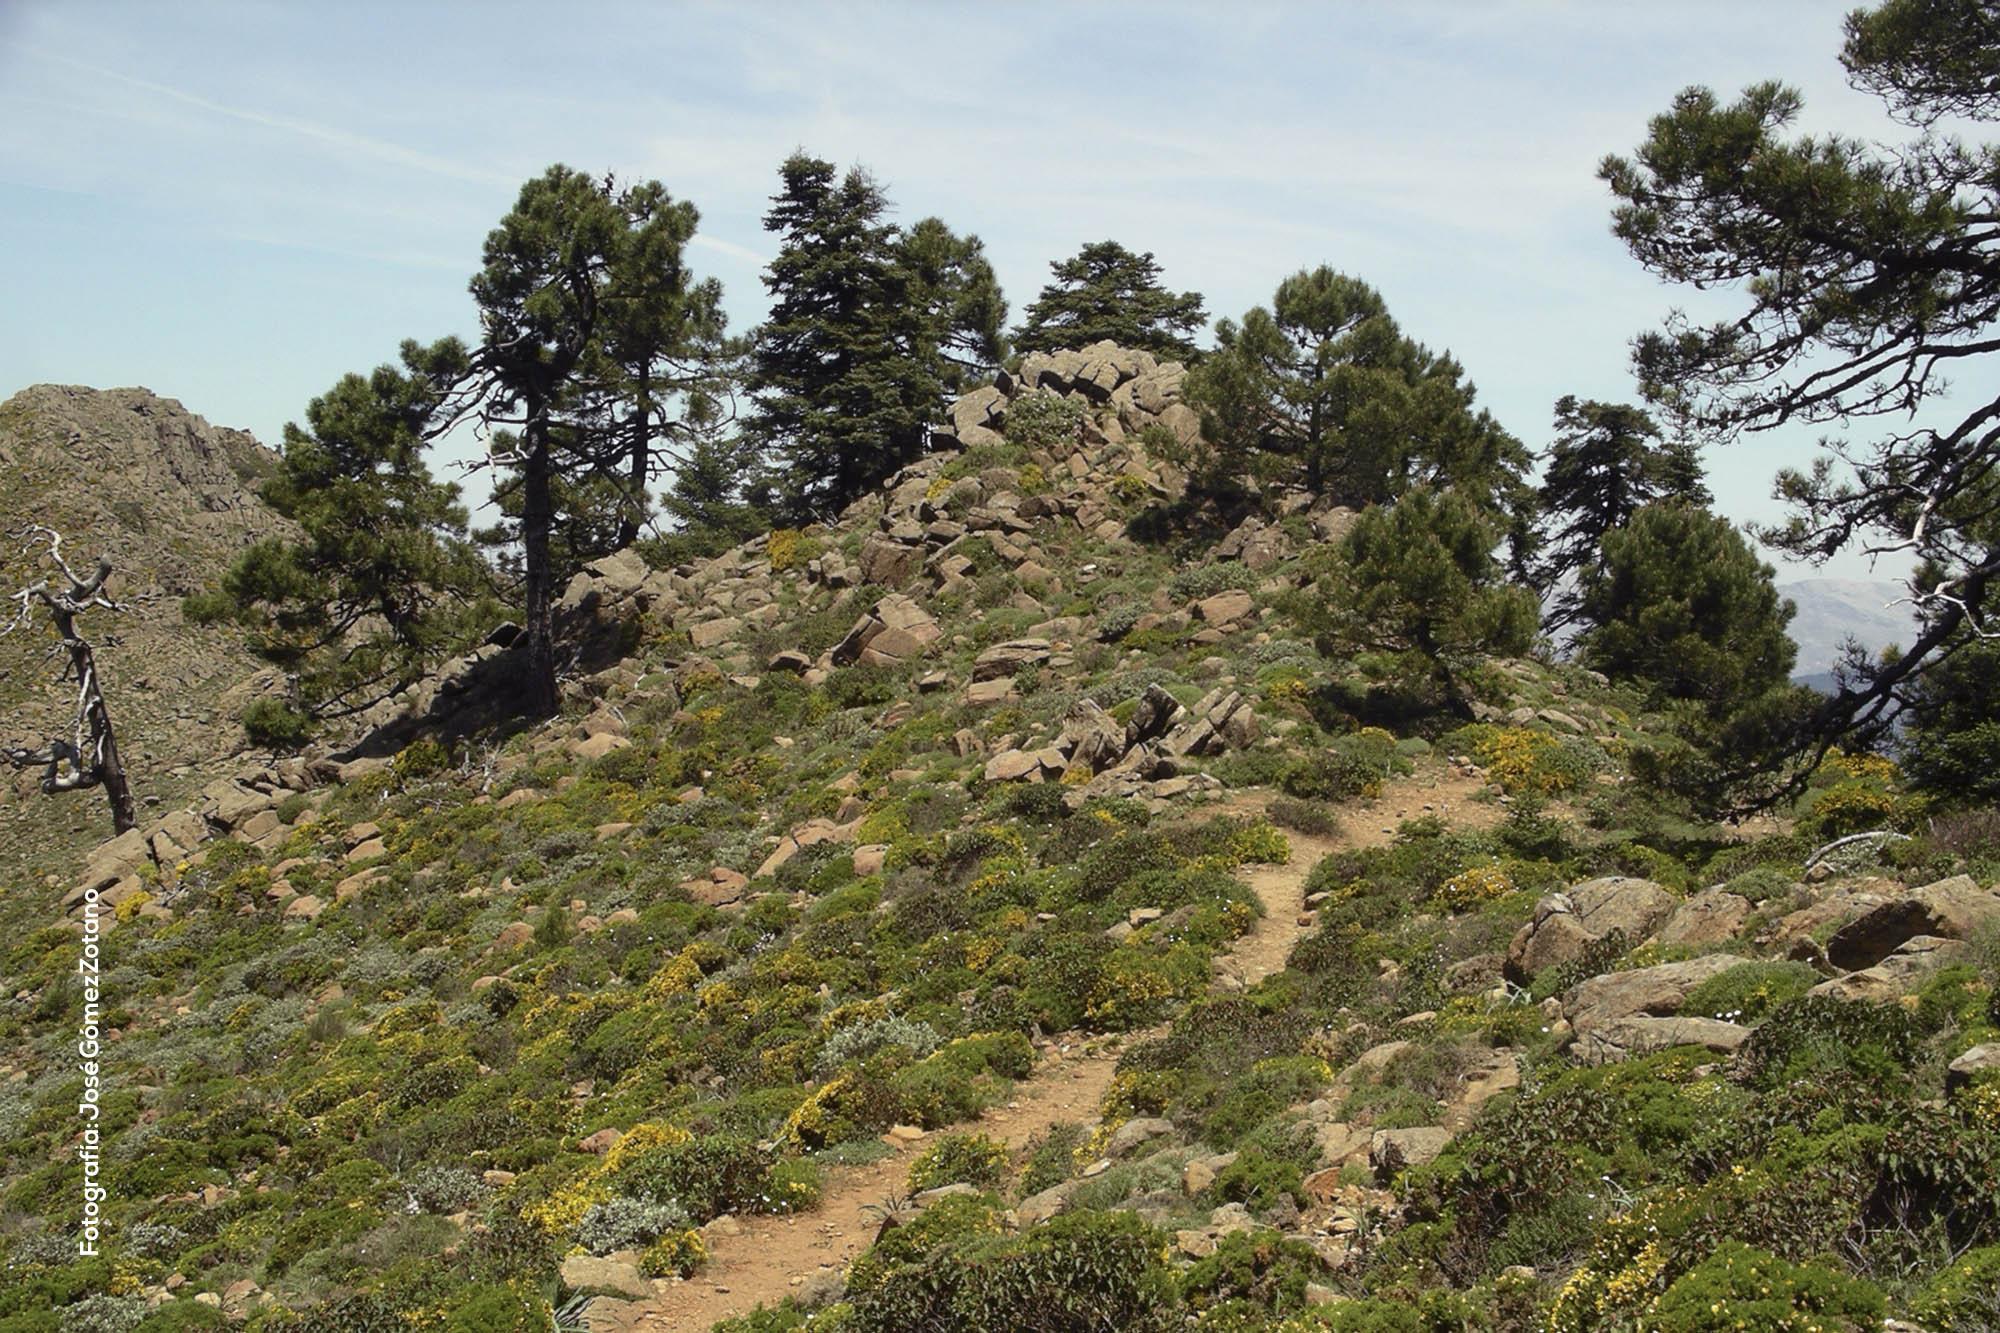 Ecosistema serpentínico de Sierra Bermeja